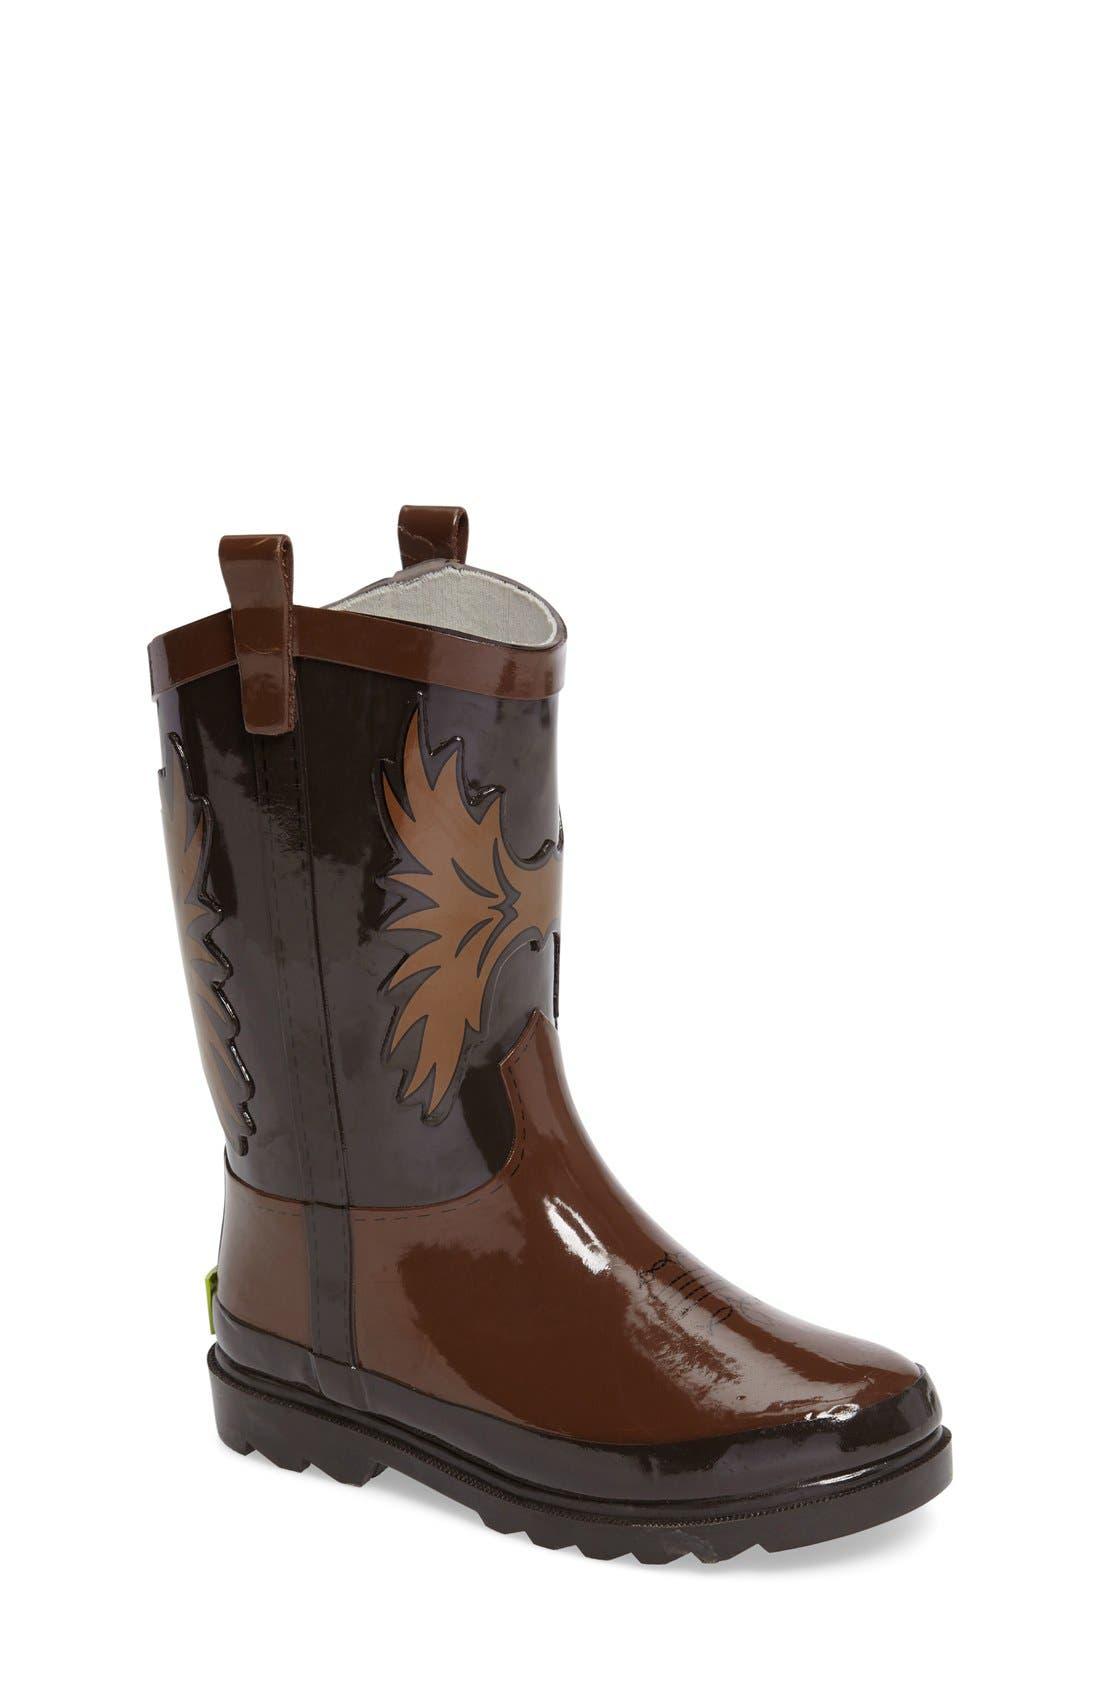 Western Chief Cowboy Waterproof Rain Boot (Walker, Toddler, Little Kid & Big Kid)